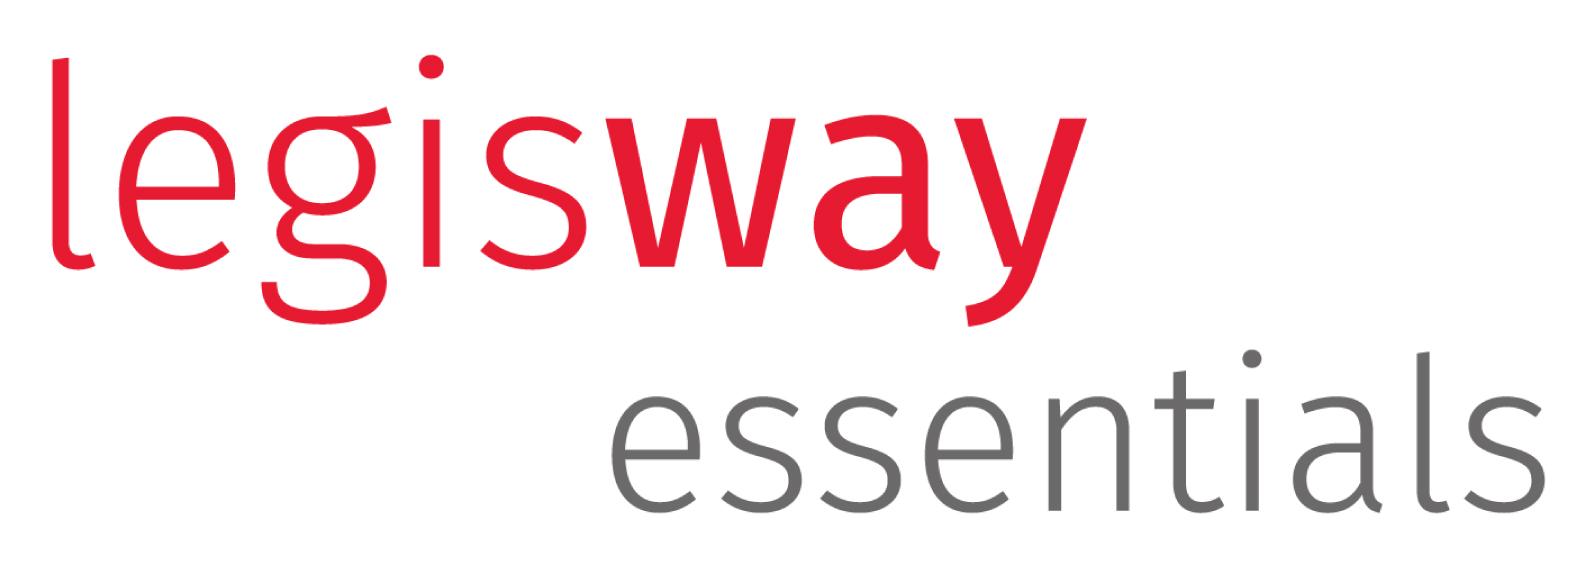 Legisway Essentials